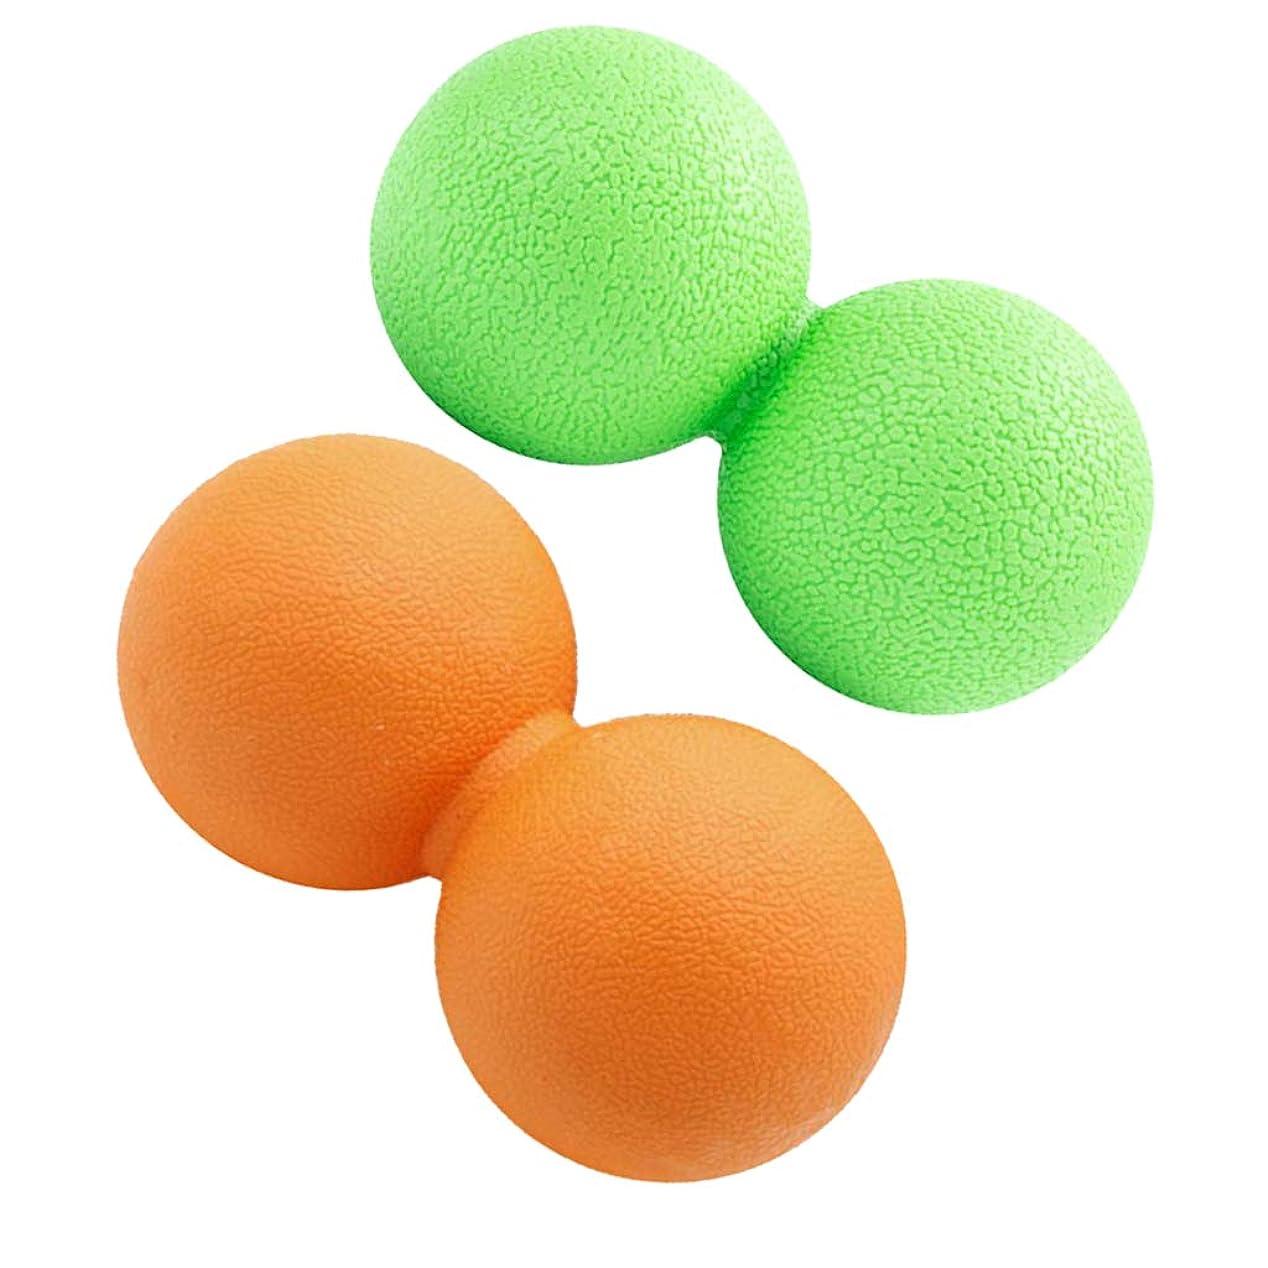 気晴らし狂信者寄付D DOLITY 2個 マッサージボール ピーナッツ型 筋膜リリース トリガーポイント リラックス 携带便利